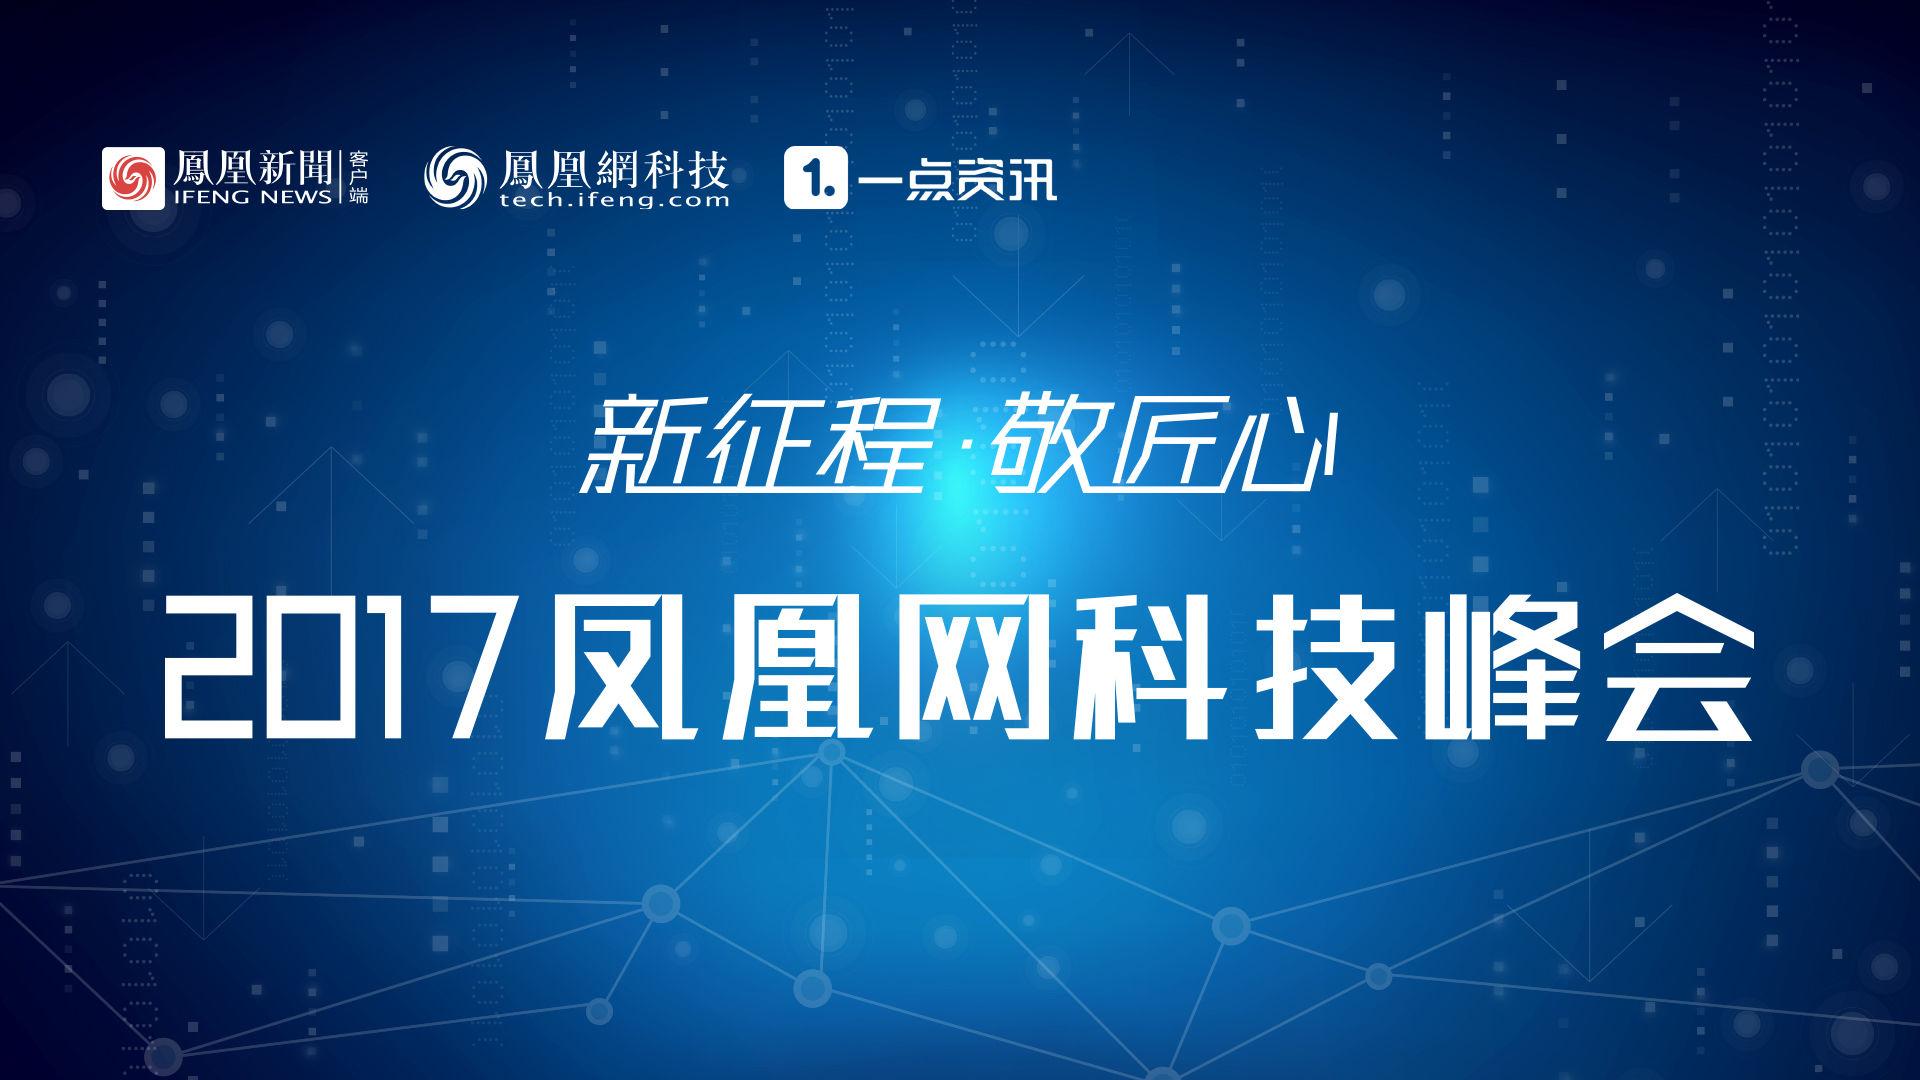 2017凤凰网科技峰会在京召开 展望互联网新征程